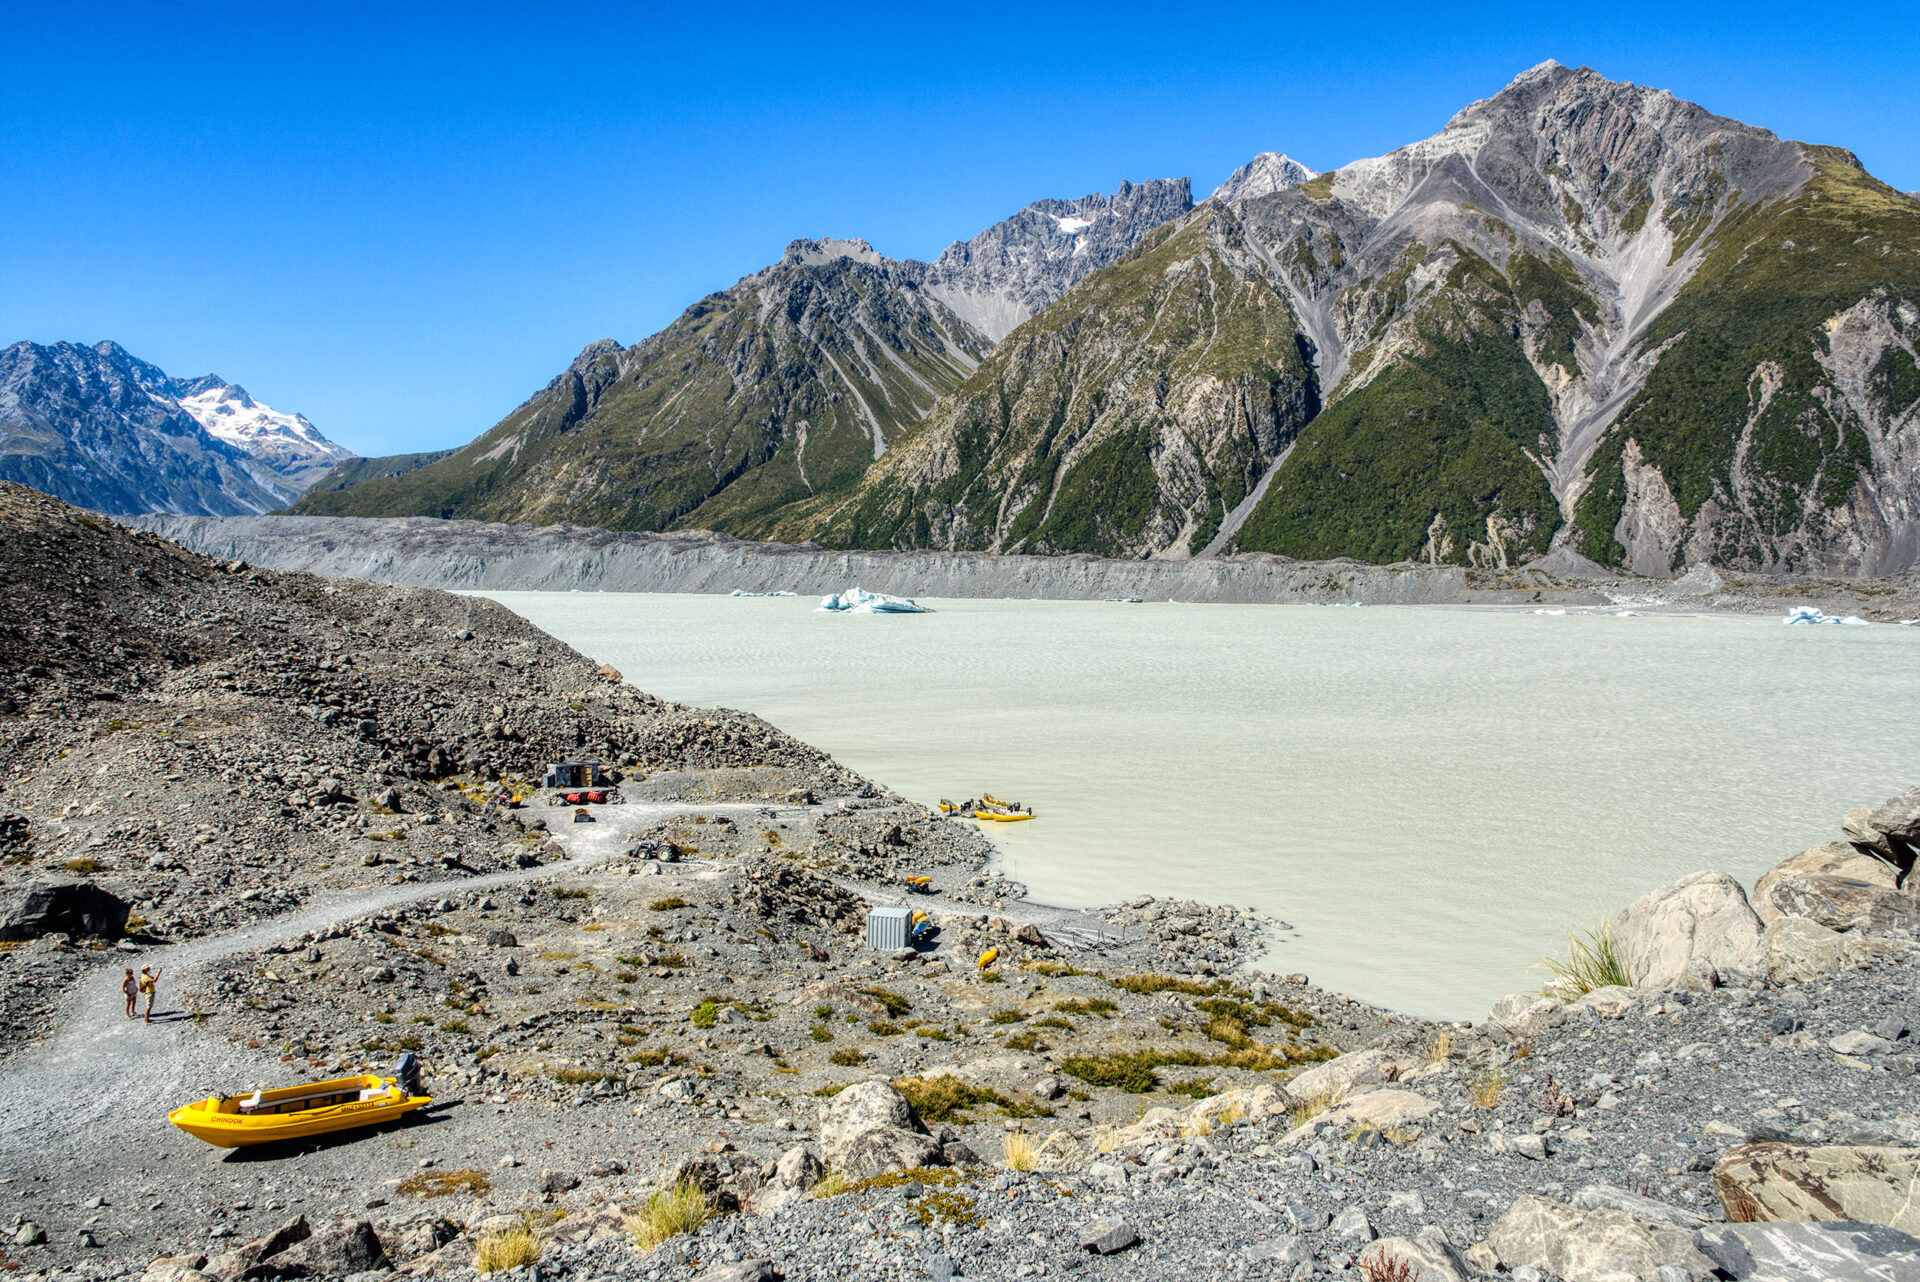 Boat-ride-on-the-glacier-lake